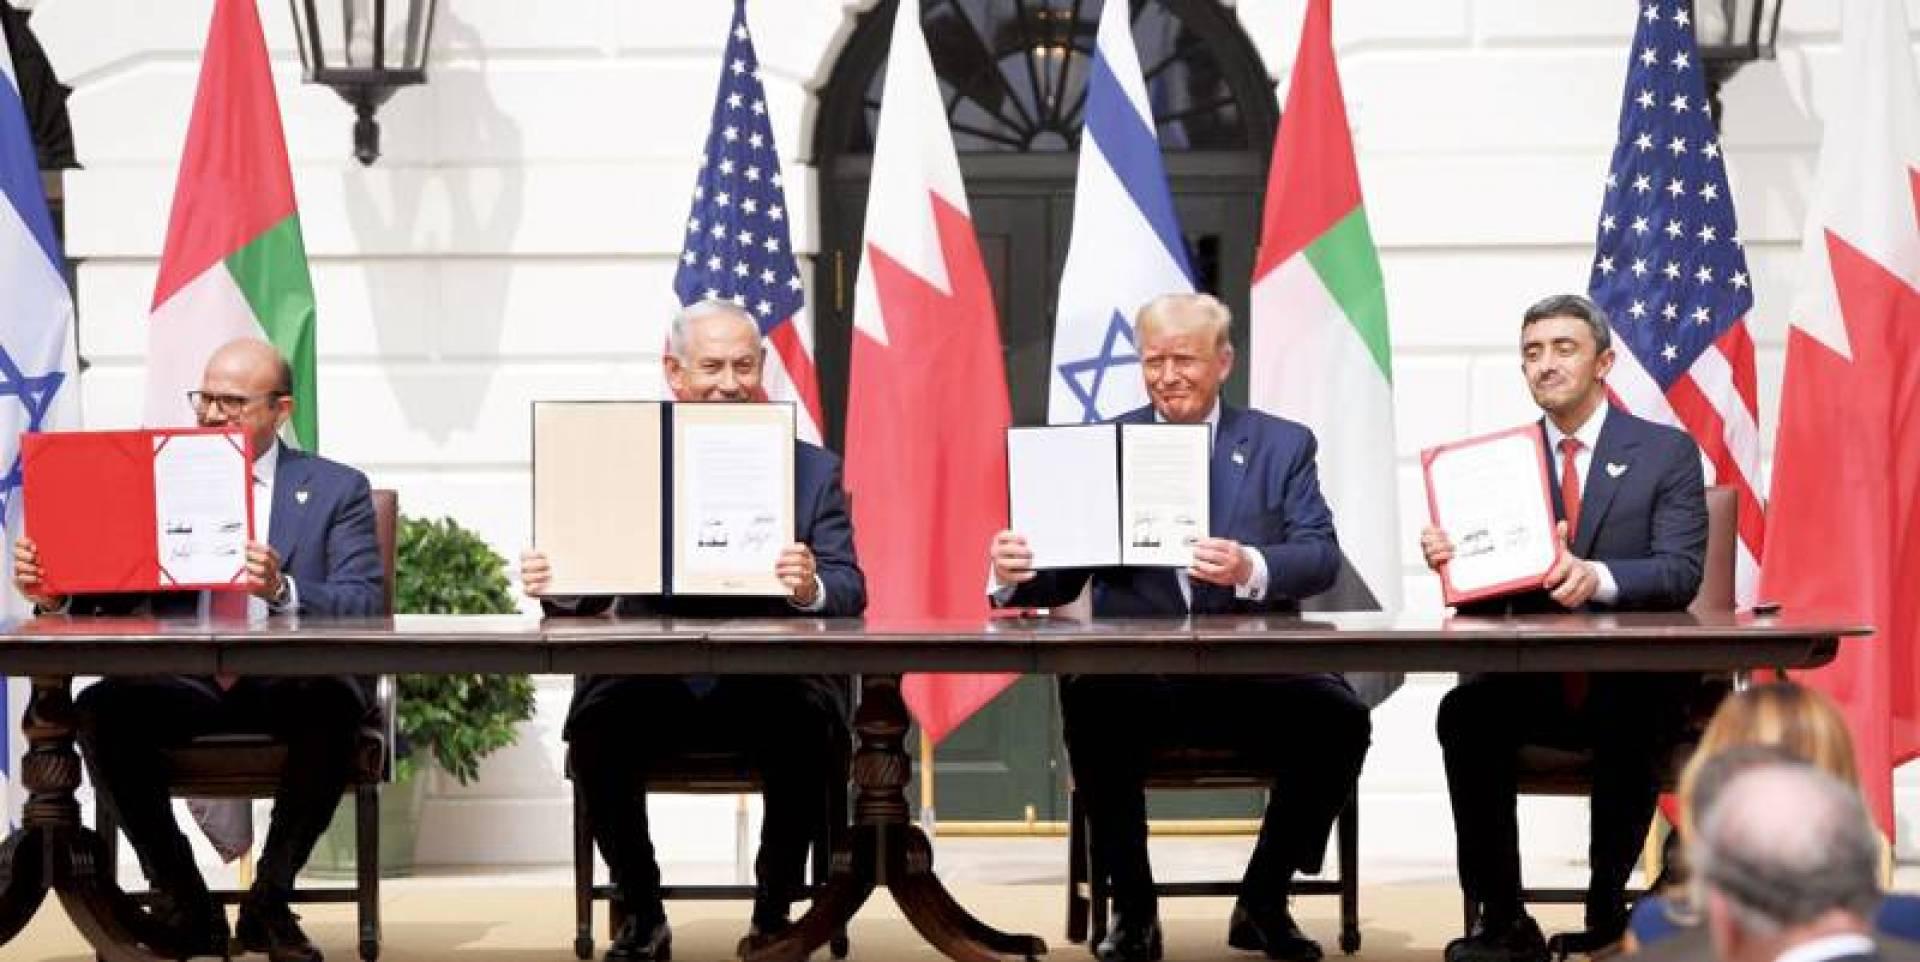 عبدالله بن زايد وترامب ونتانياهو والزياني خلال توقيع اتفاق التطبيع وإعلان السلام (رويترز)